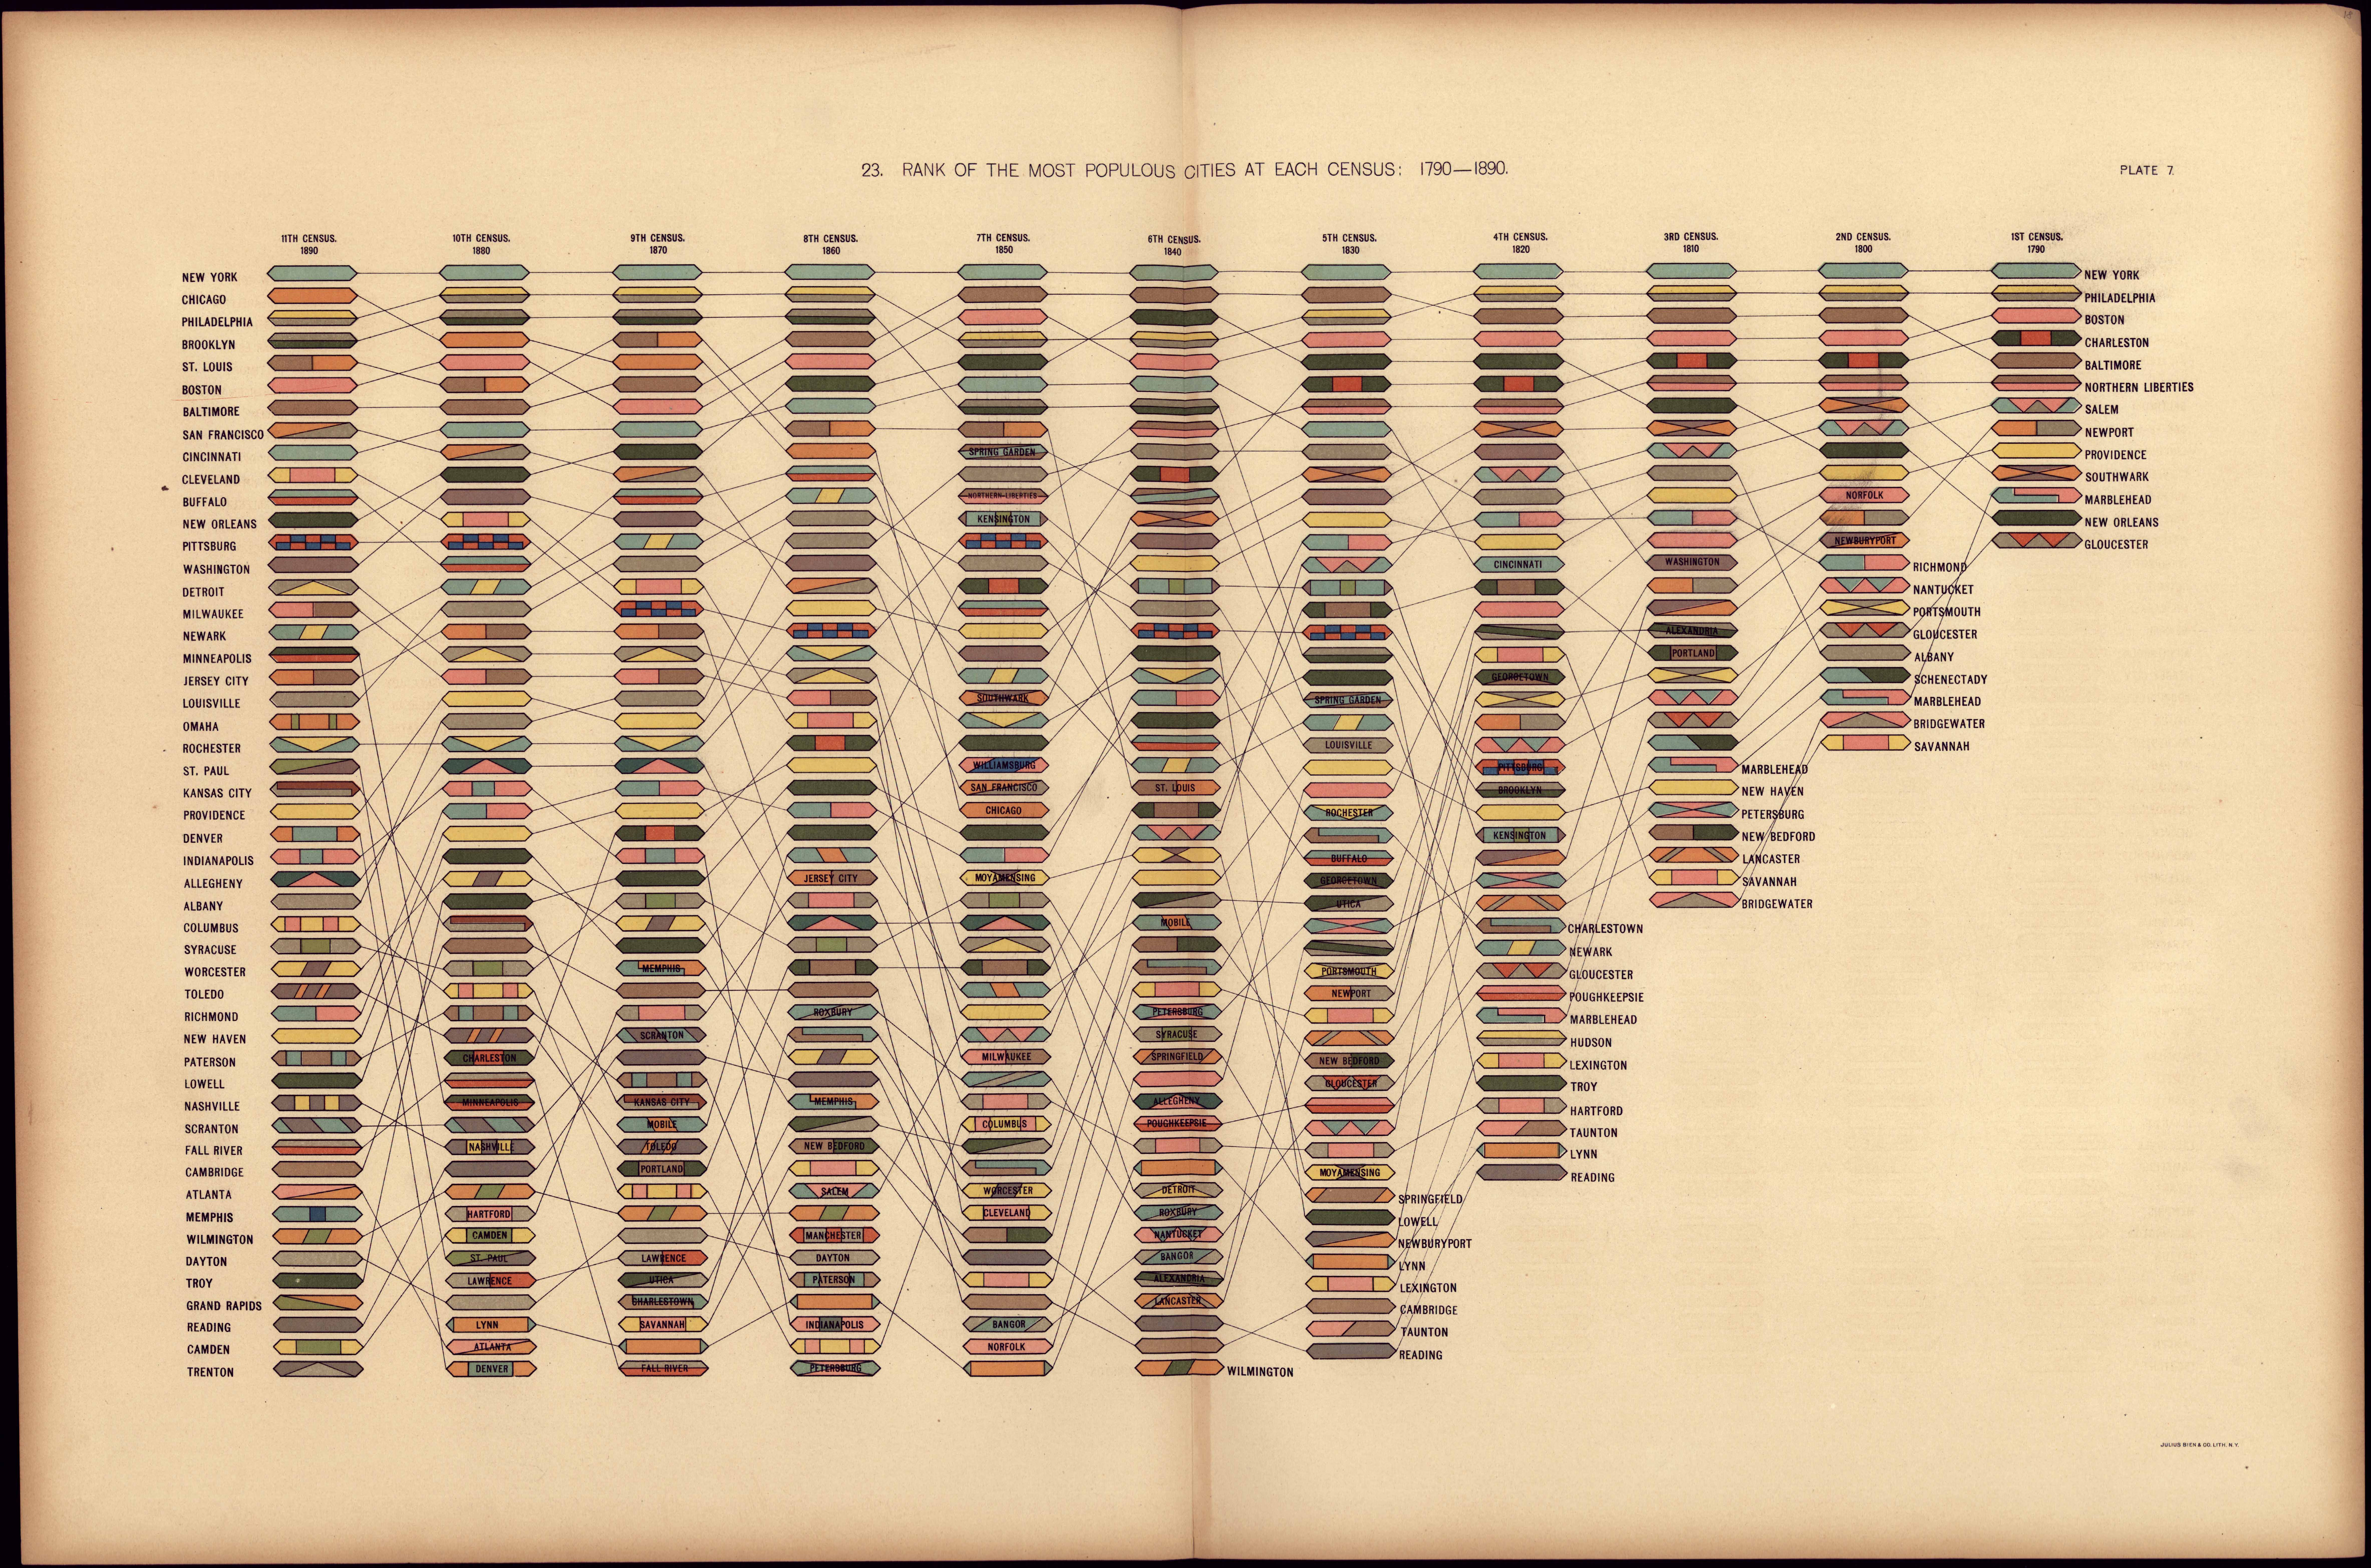 各国勢調査で最も人口の多い都市のランク:1790-1890はツリーマップで視覚化されています。